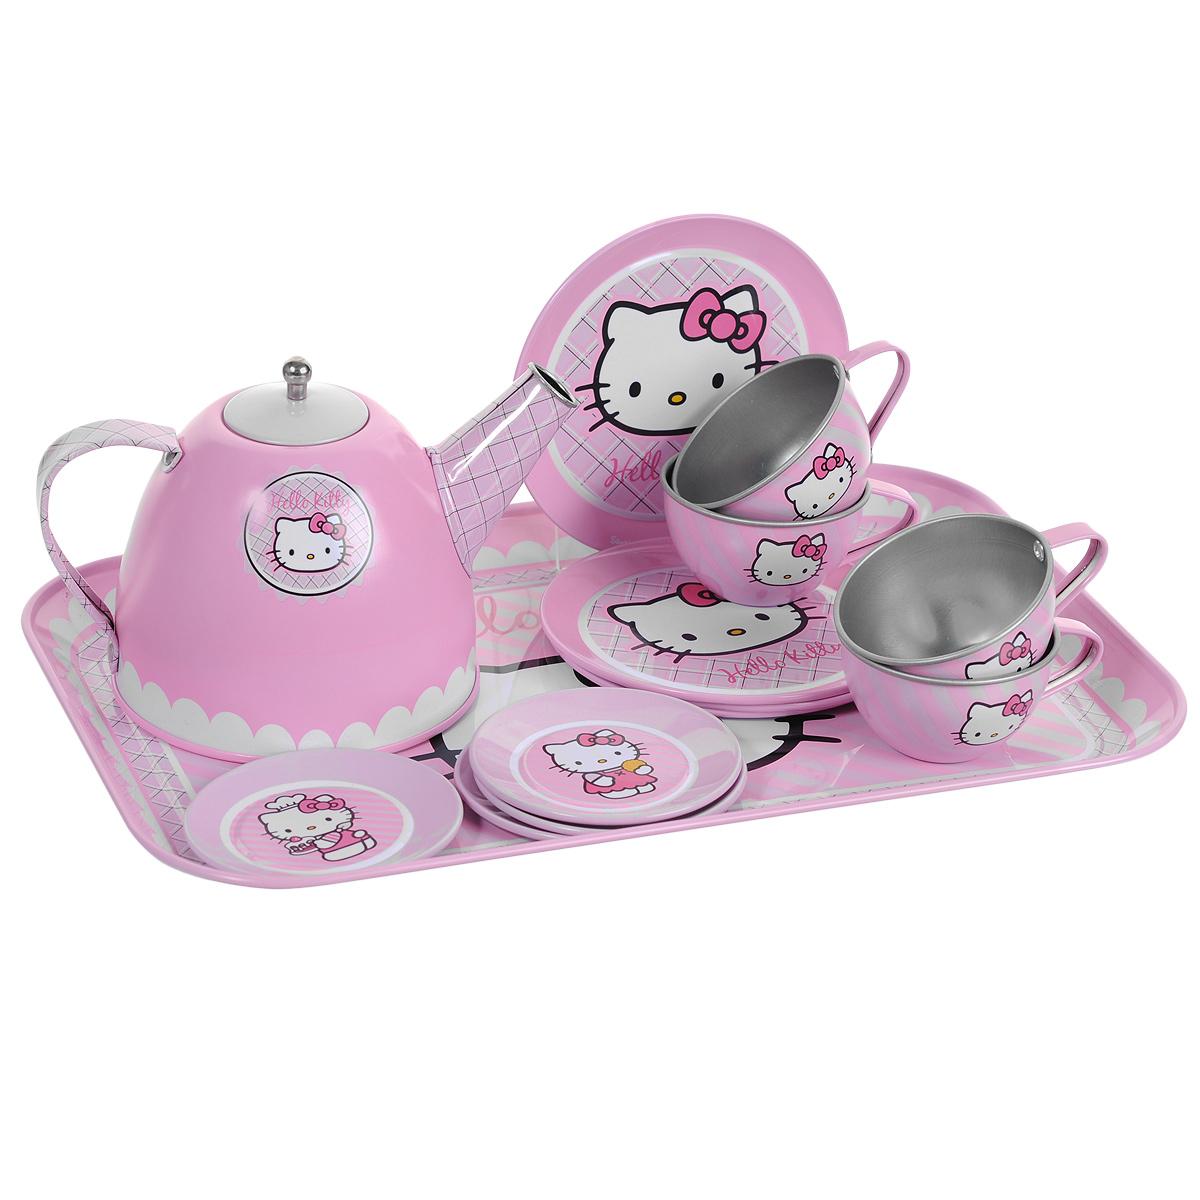 Smoby Набор посудки Hello Kitty, 14 предметов24783Набор детской посуды Hello Kitty несомненно привлечет внимание вашей малышки и не позволит ей скучать. Элементы набора выполнены из металла. выкрашены в розовый цвет и оформлены изображениями всеми любимой кошечки Китти. В набор входят чайник, 4 чашки, 4 блюдца, 4 тарелки и поднос. С этим набором маленькая хозяйка будет часами занята игрой и сможет устроить для своих кукол незабываемое чаепитие.